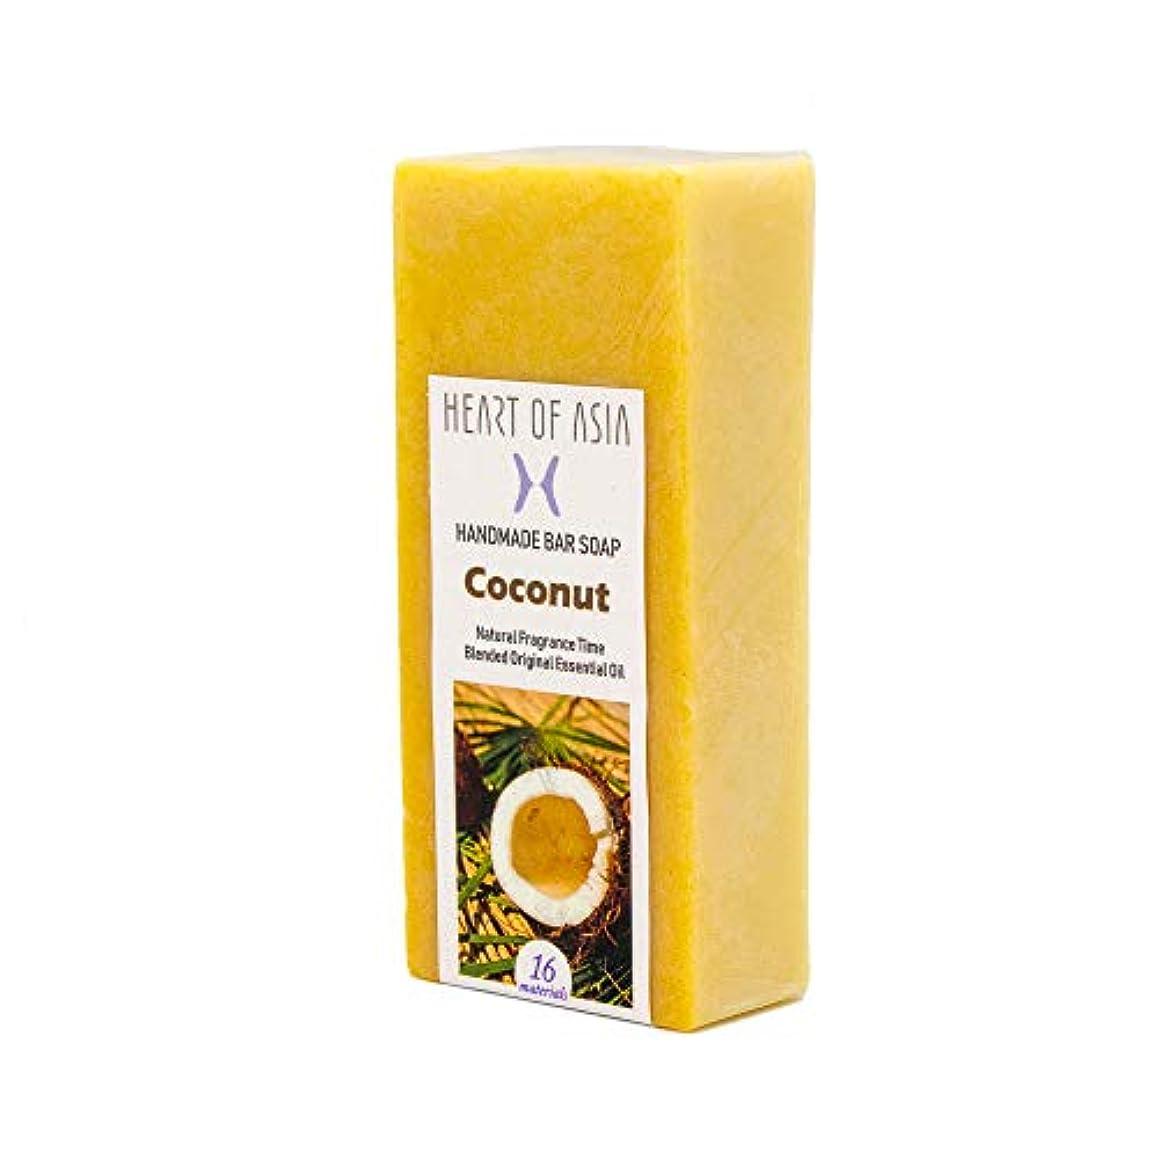 衣服センター自由香水のようなフレグランス石けん HANDMADE BAR SOAP ~Coconut ~ (単品)